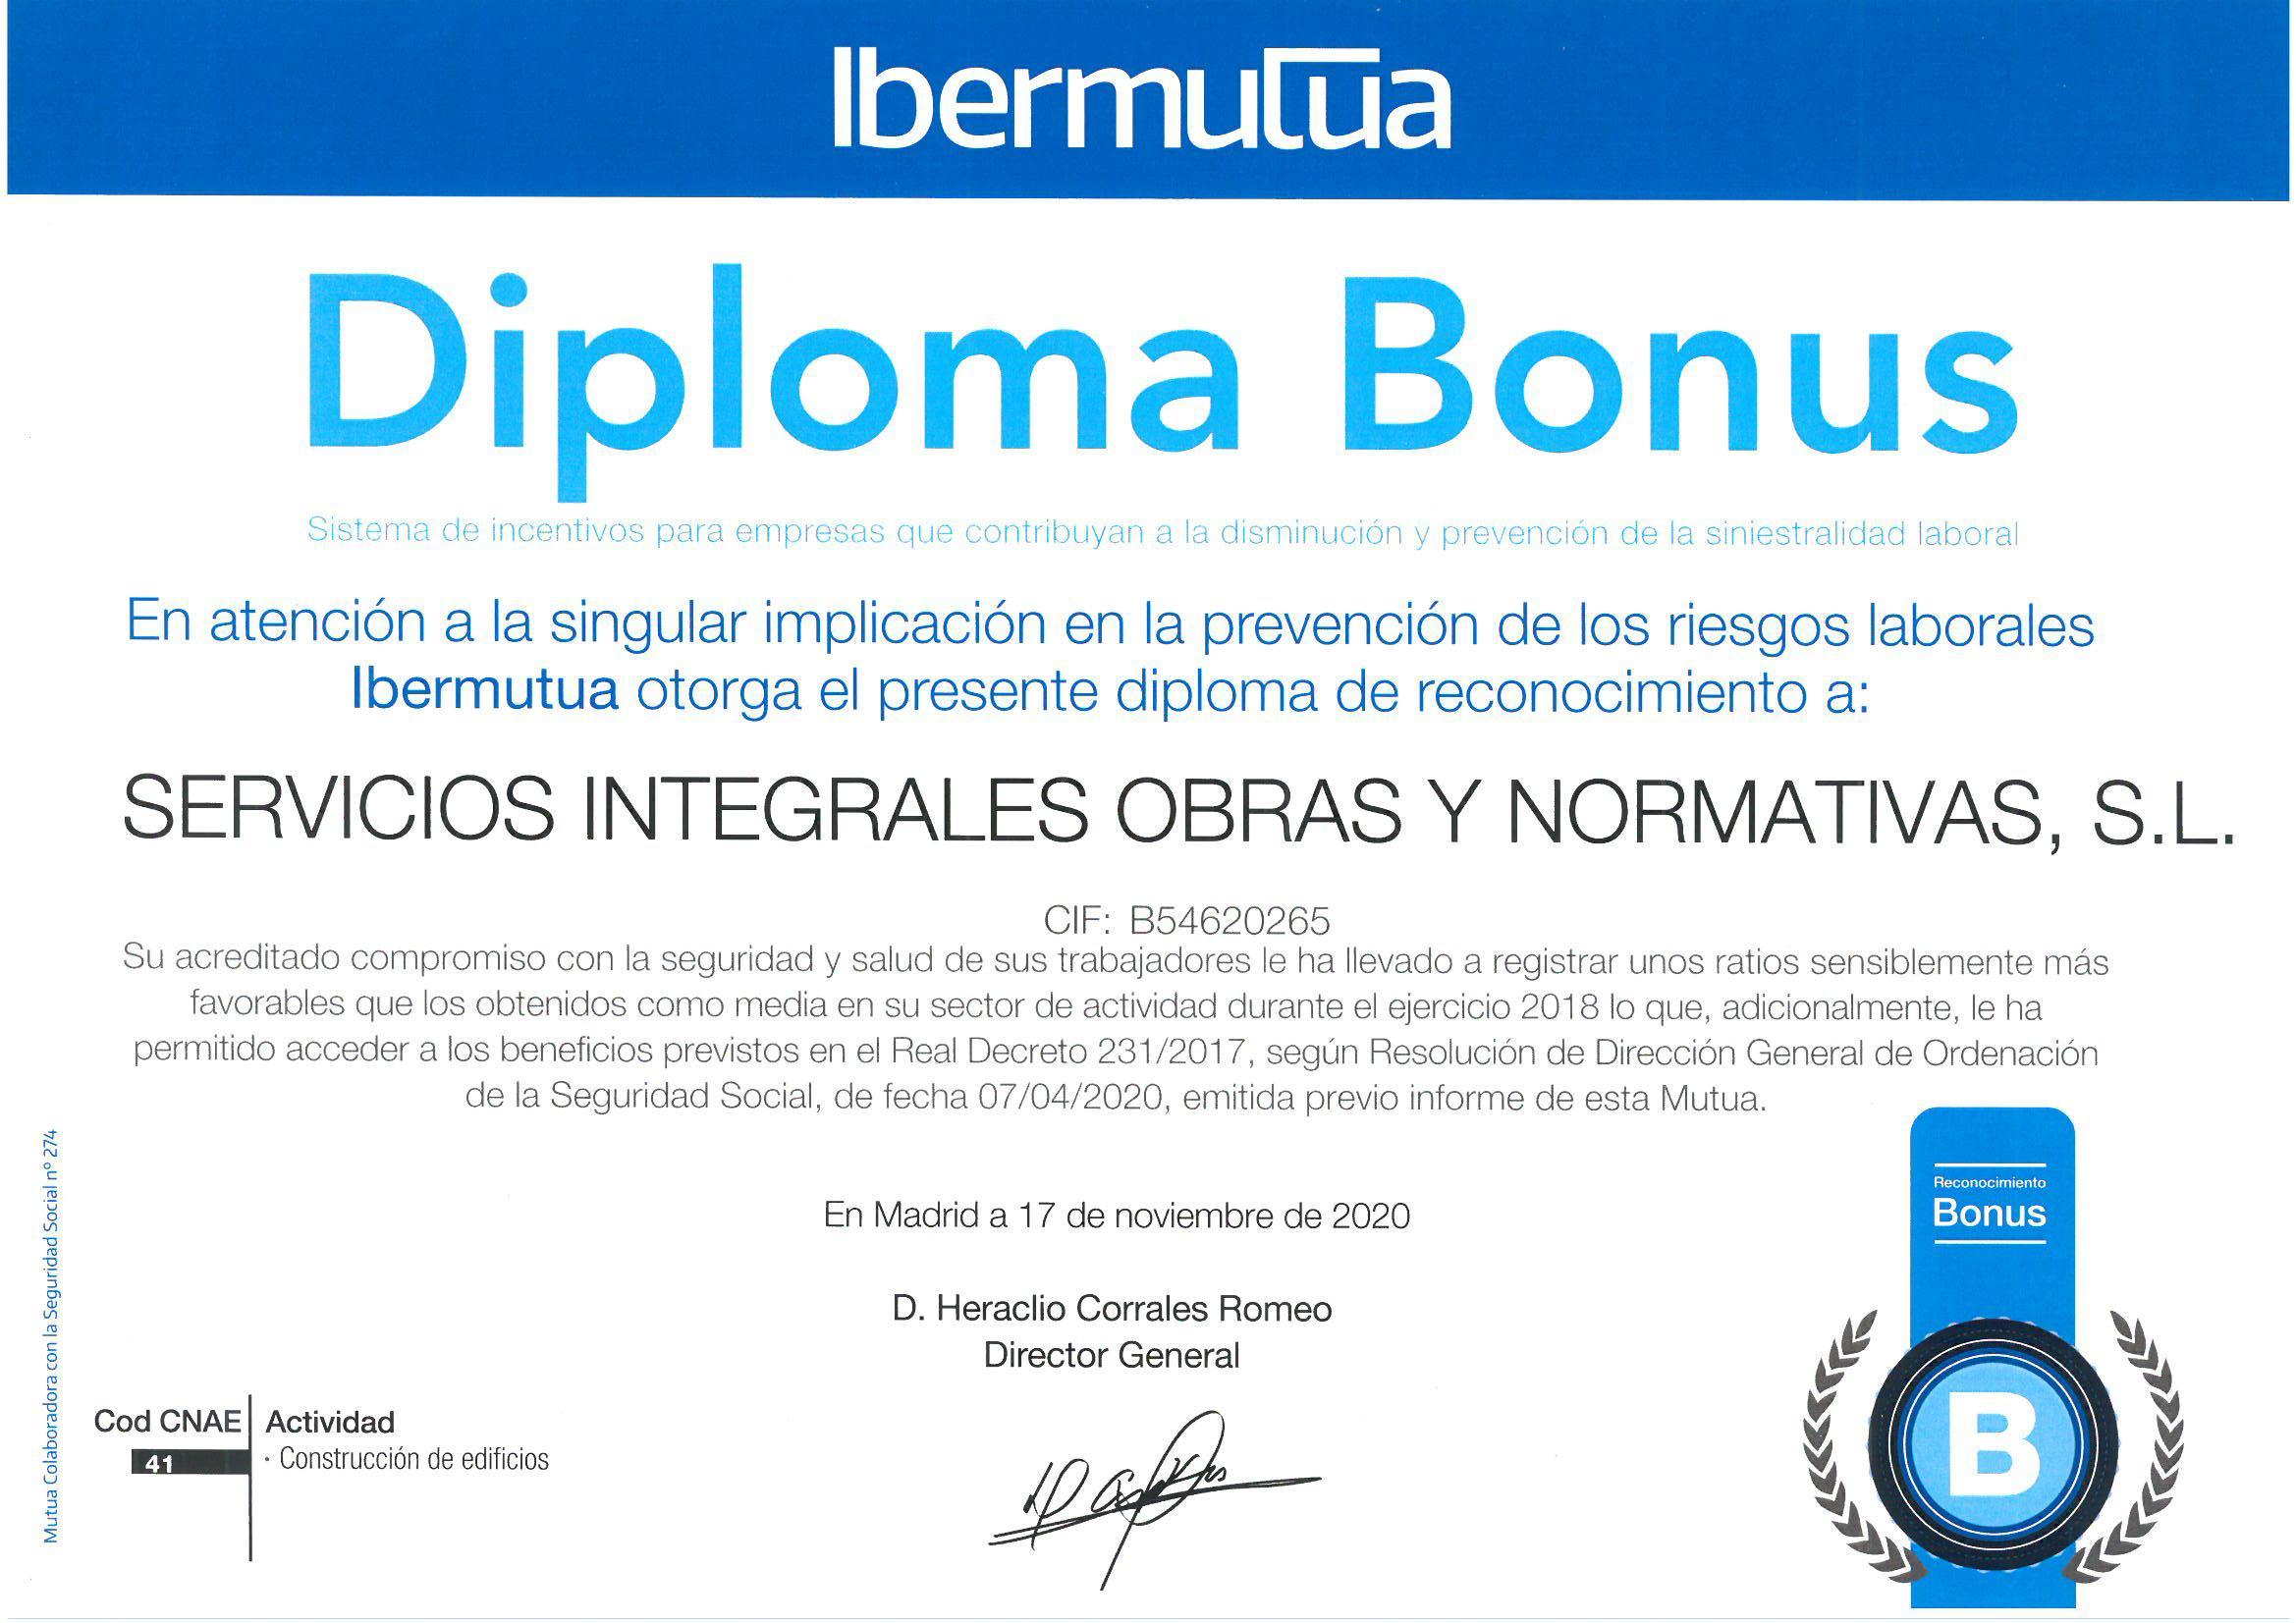 diploma bonus ibermutua